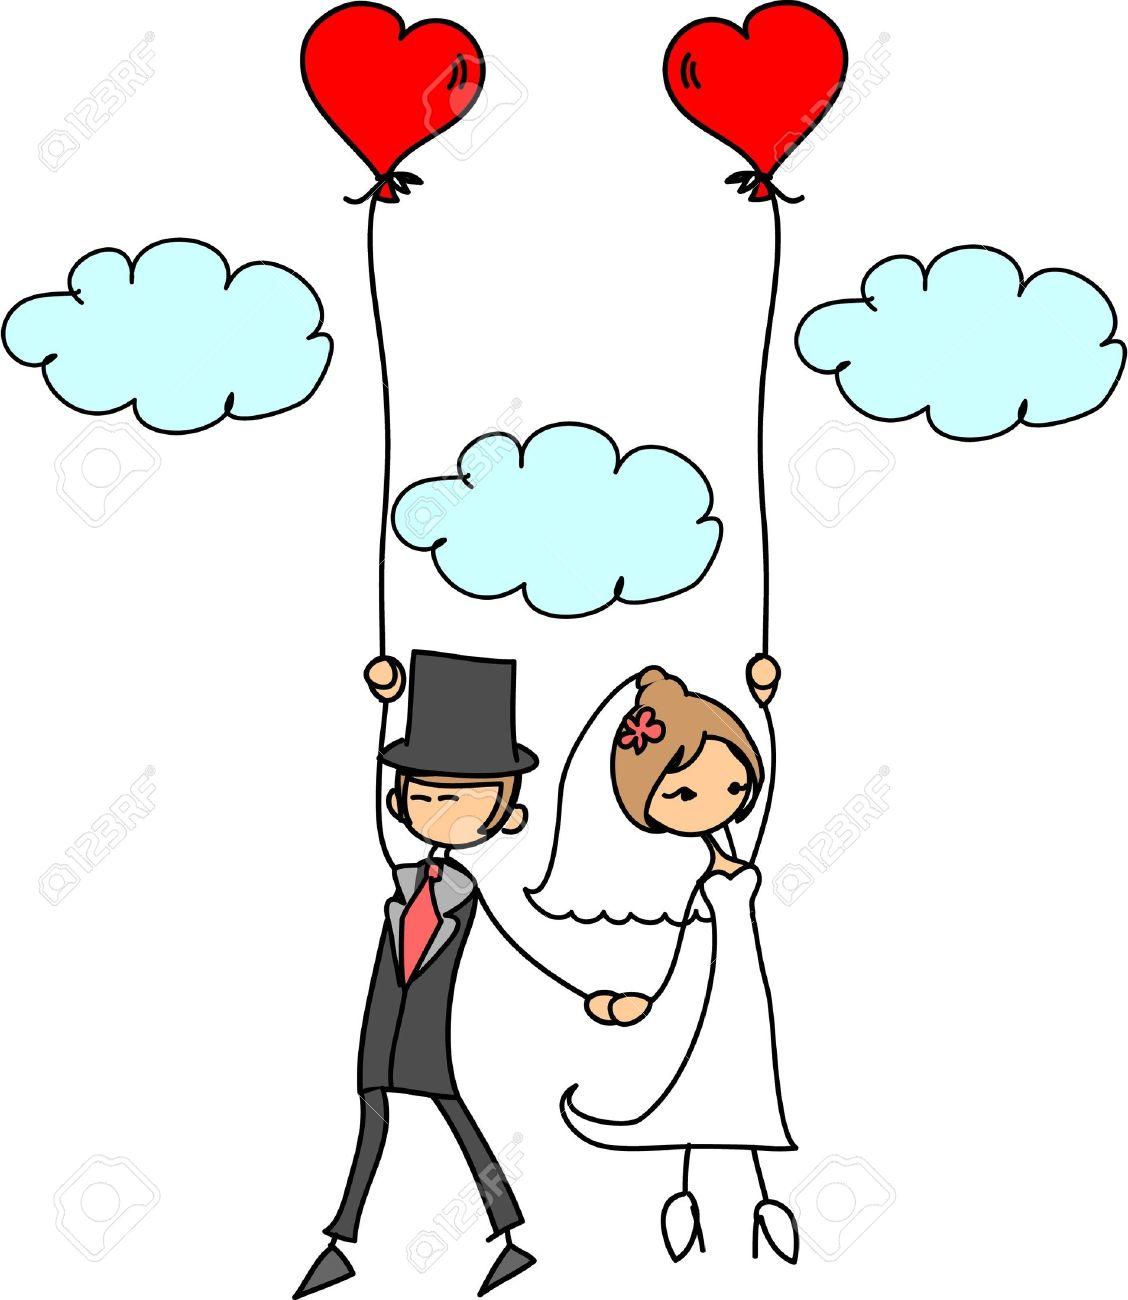 11499195-photo-de-mariage-de-dessin-anim--Banque-d'images